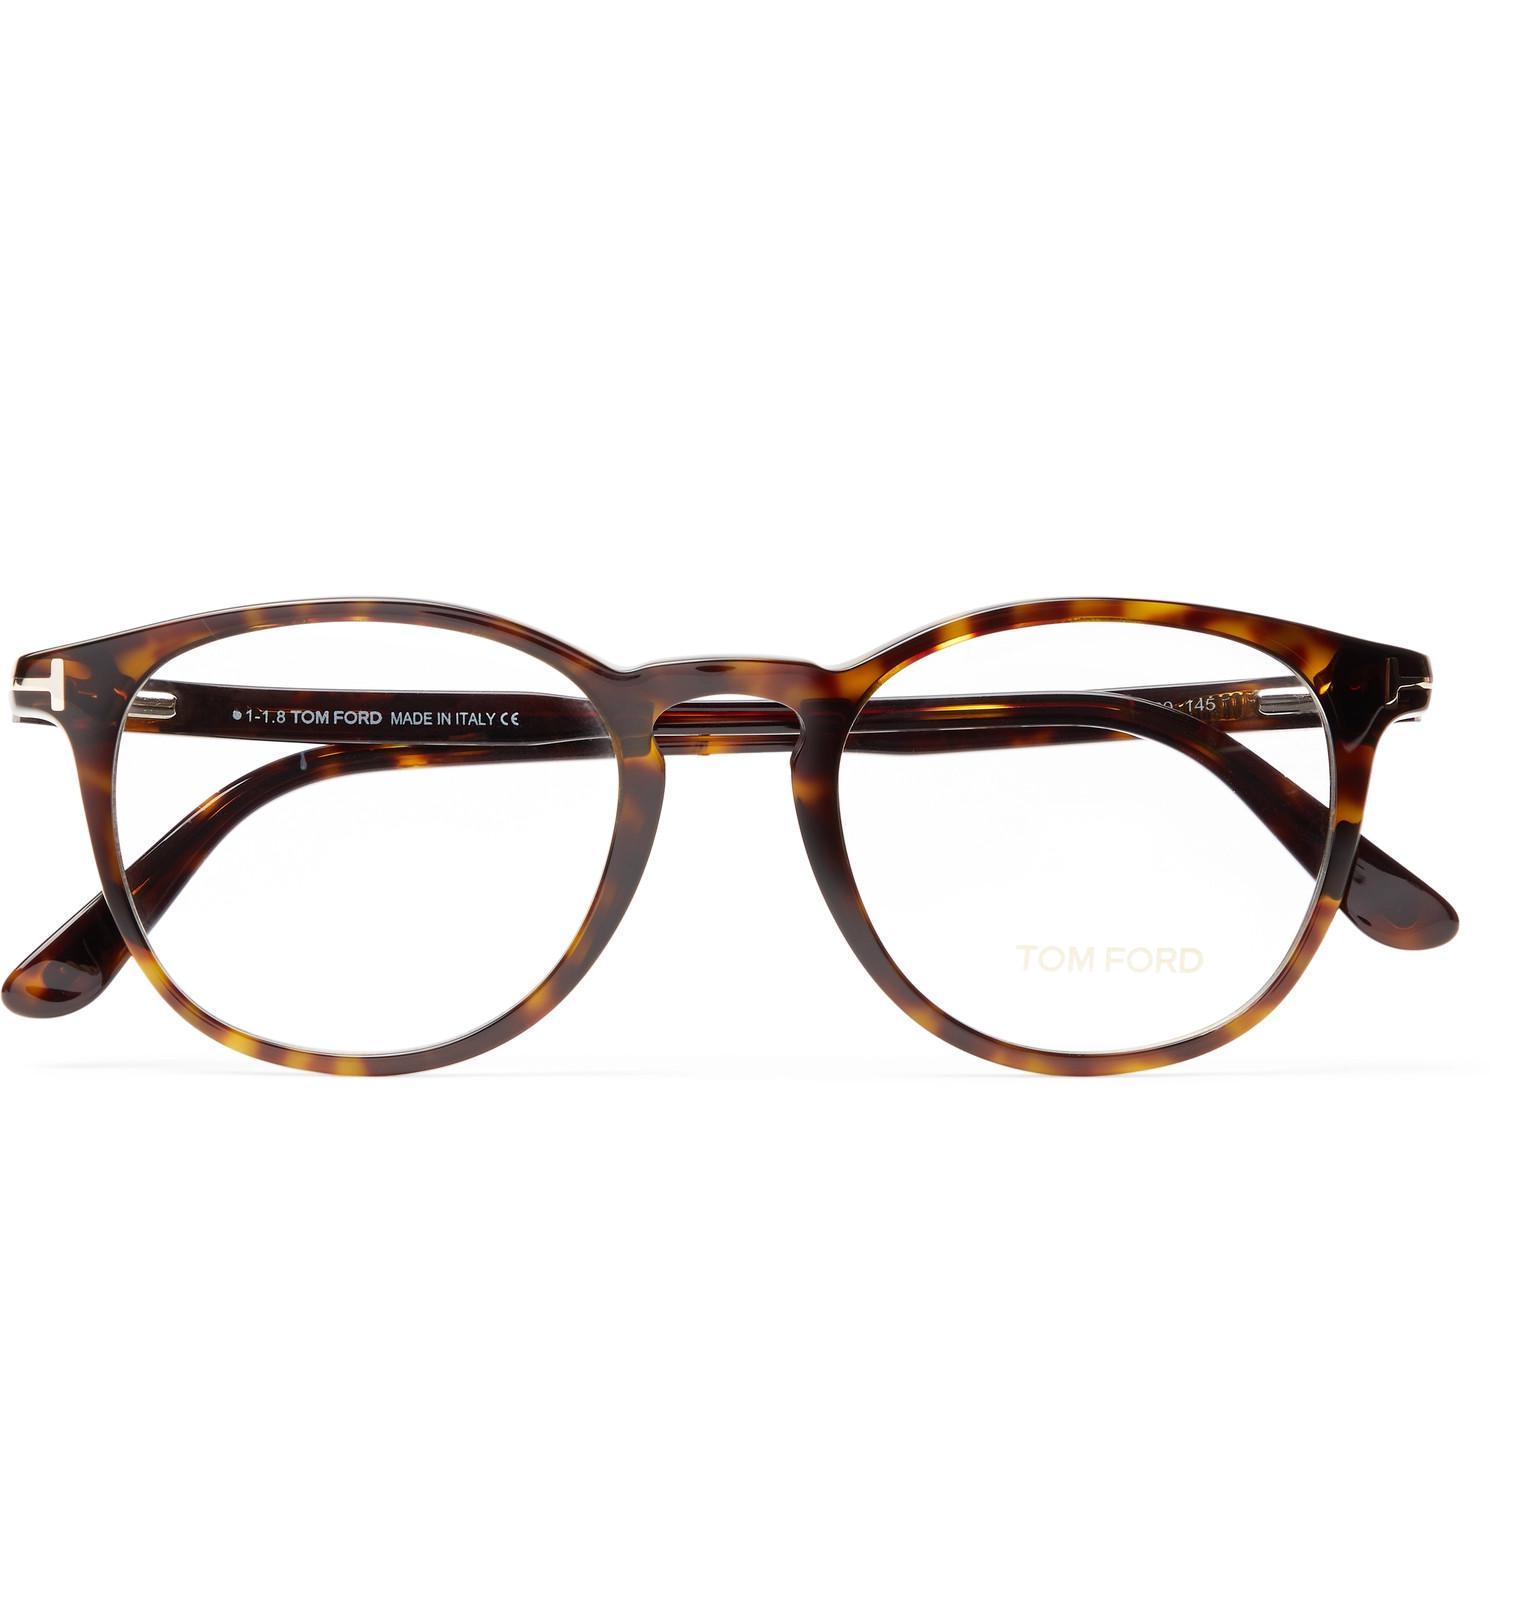 a9f84dd45e Tom Ford - Brown Round-frame Tortoiseshell Acetate Optical Glasses for Men  - Lyst. View fullscreen